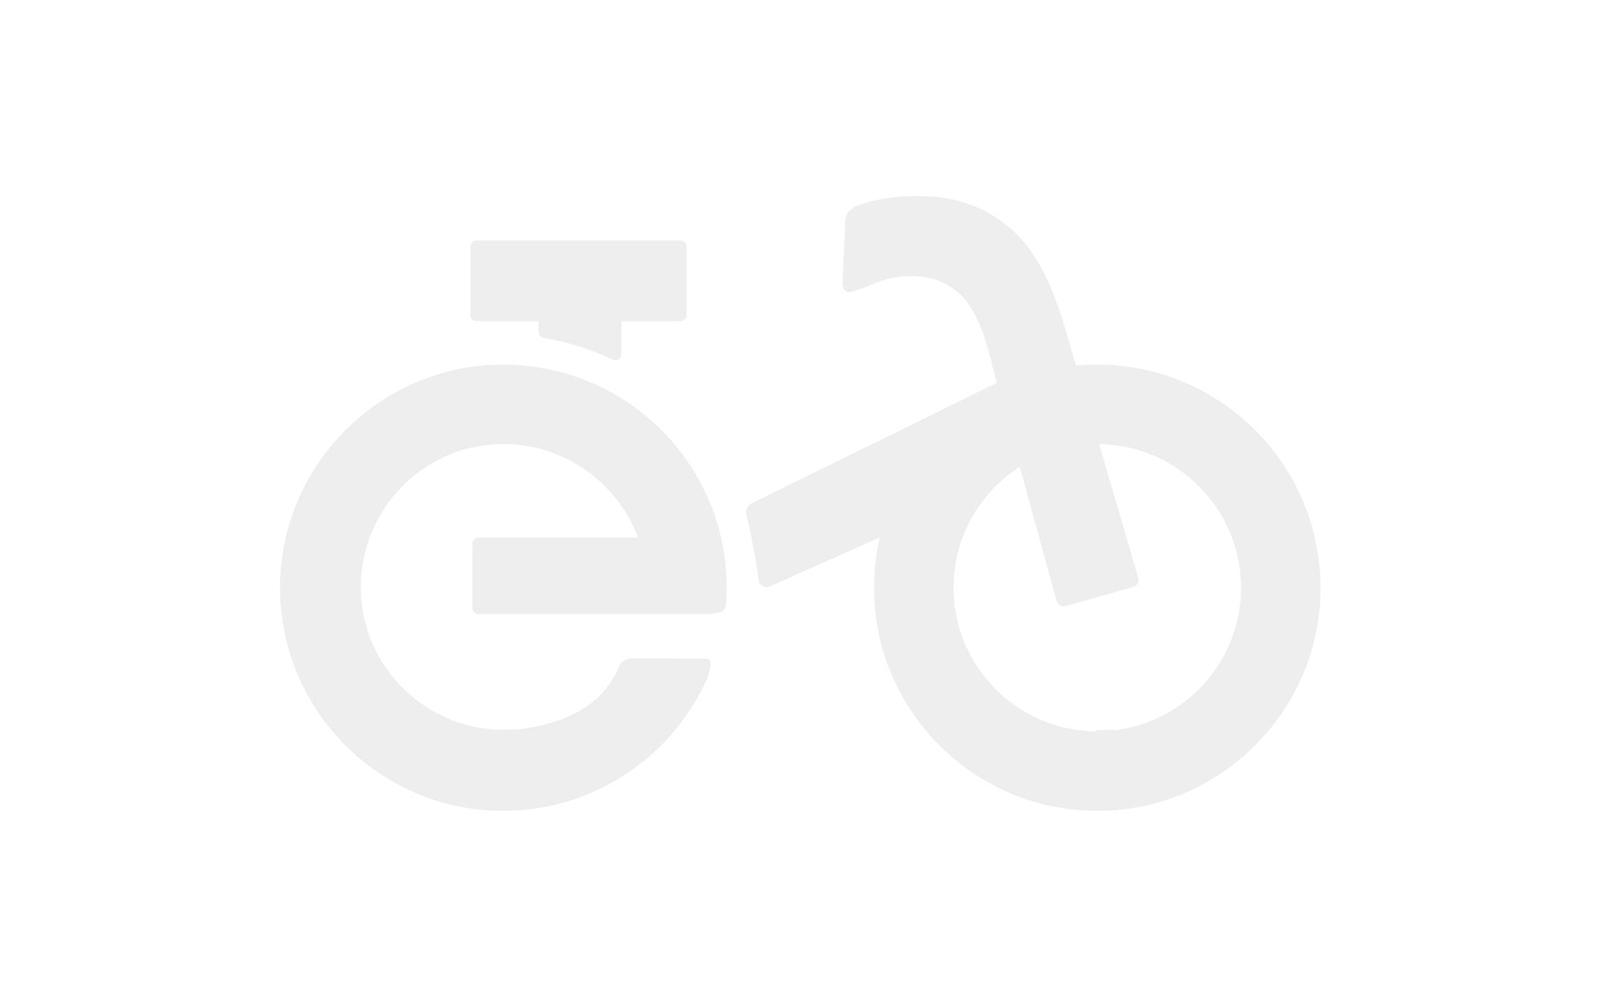 Cortina E-U1 N3 2020 Heren - 46 cm - Black matte